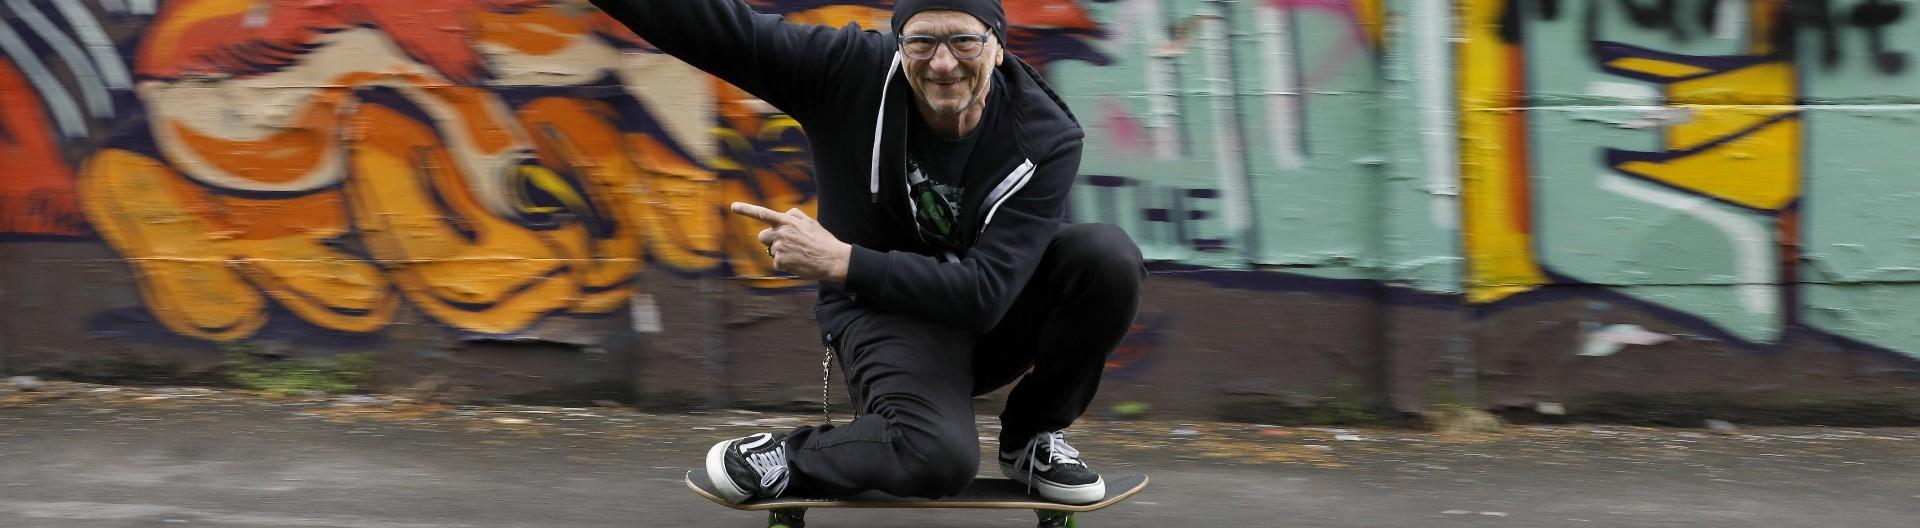 Titus Dittmann im Alter von 70 Jahren 2019 in Münster auf dem Skateboard